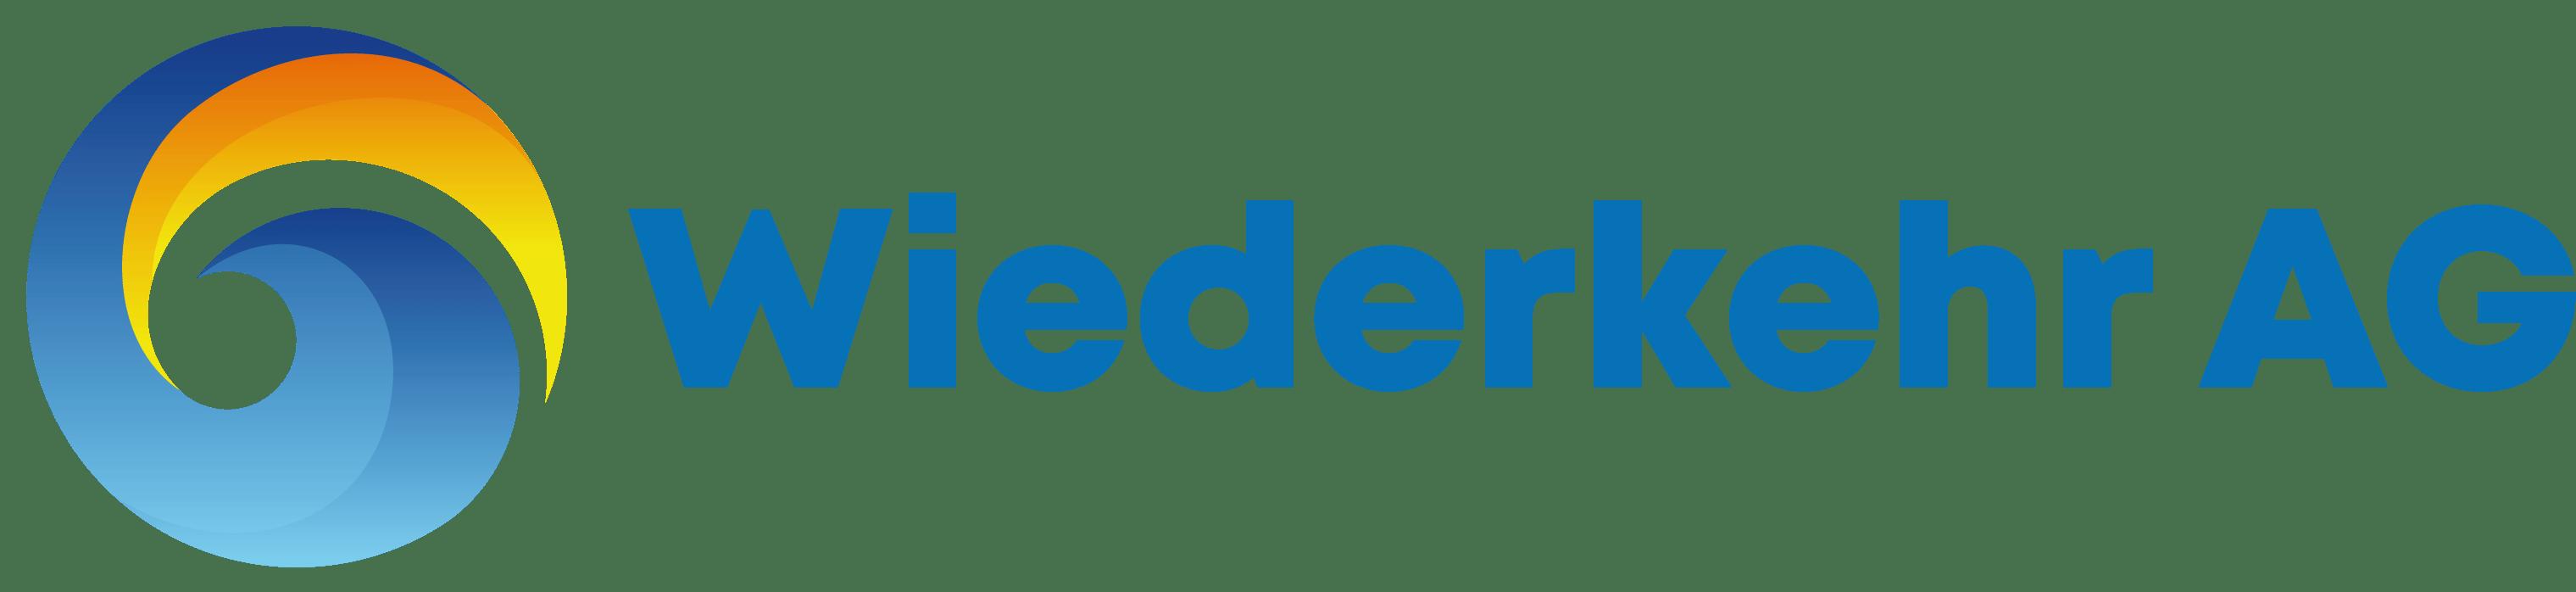 WIEDERKEHR_AG_Logo